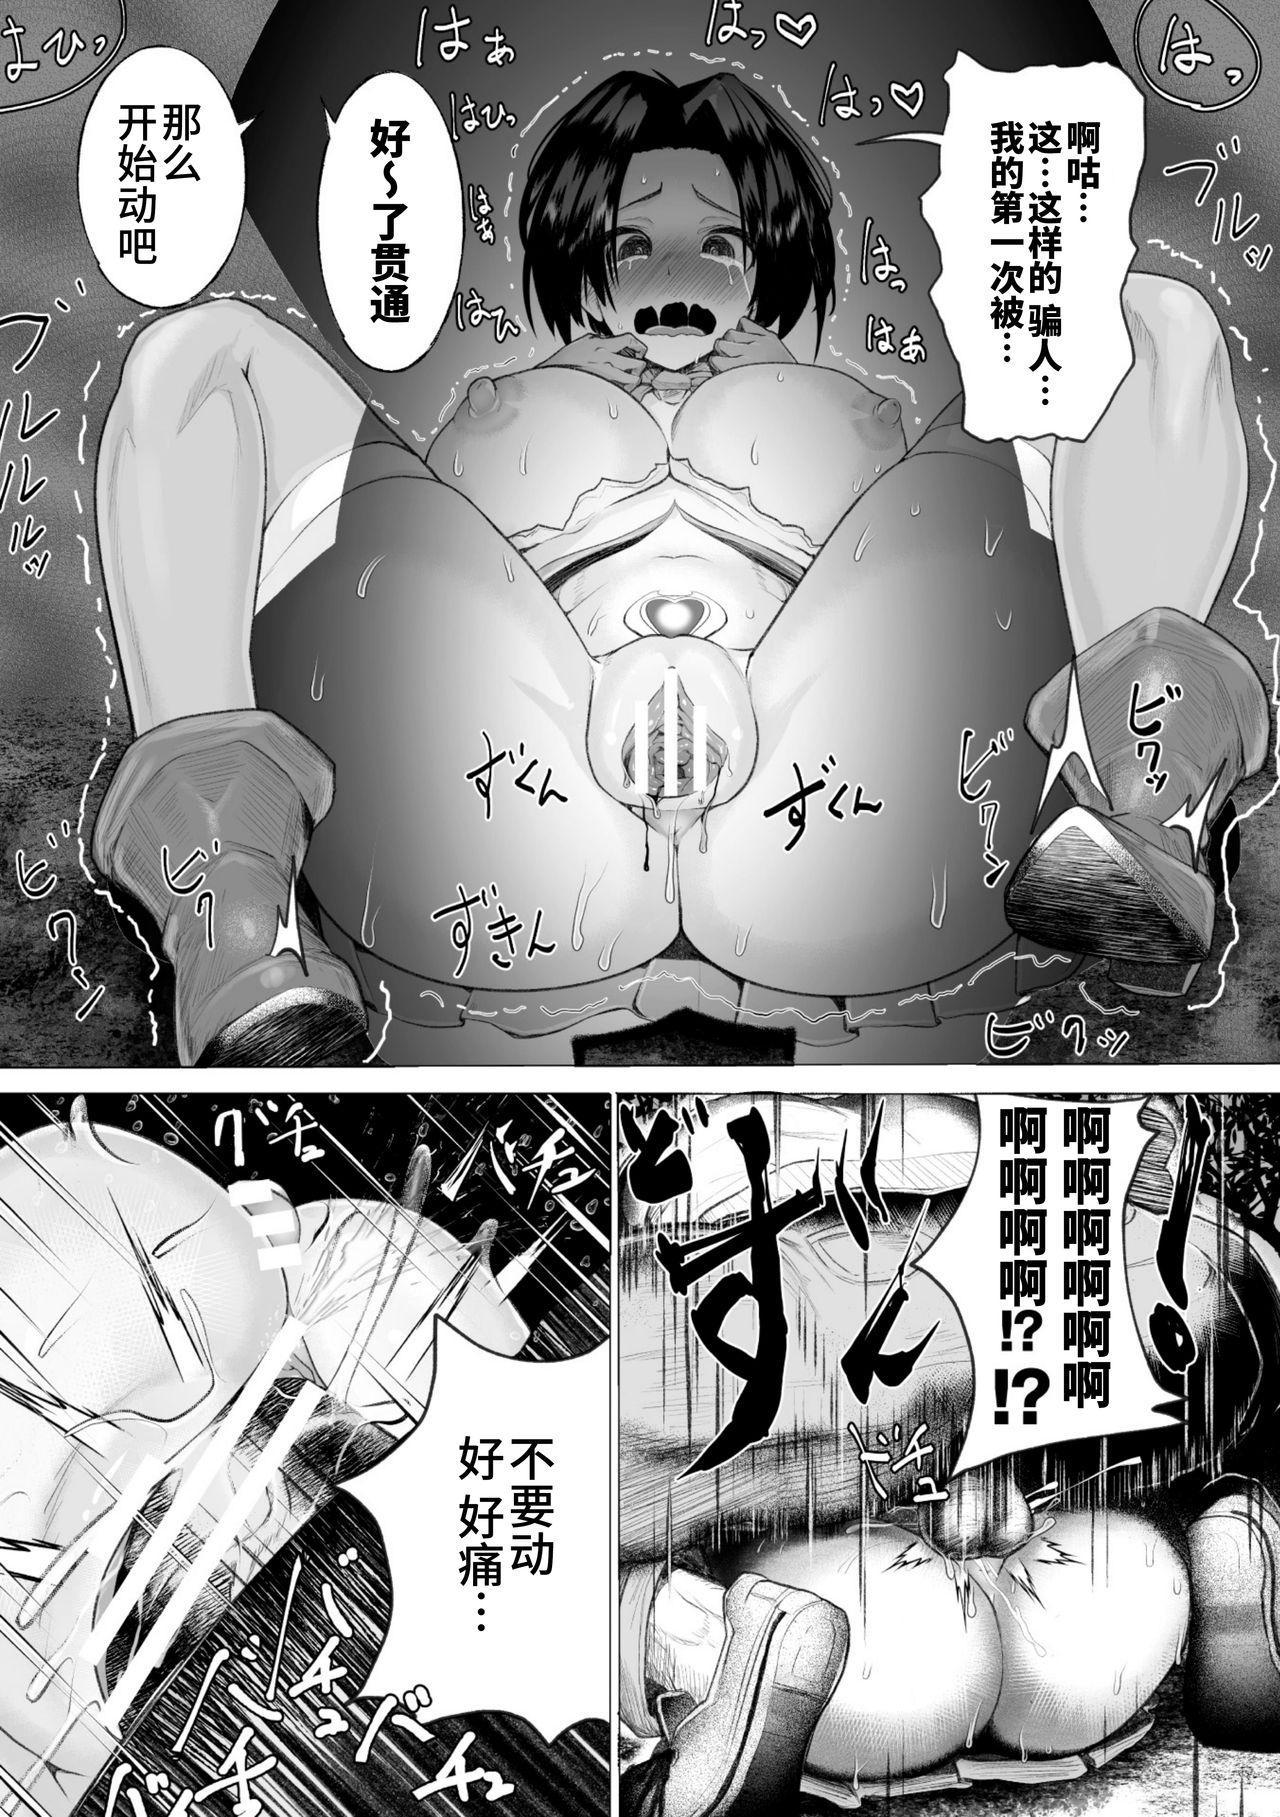 2D Comic Magazine Seigi no Heroine VS Tanetsuke Oji-san Vol. 2 29